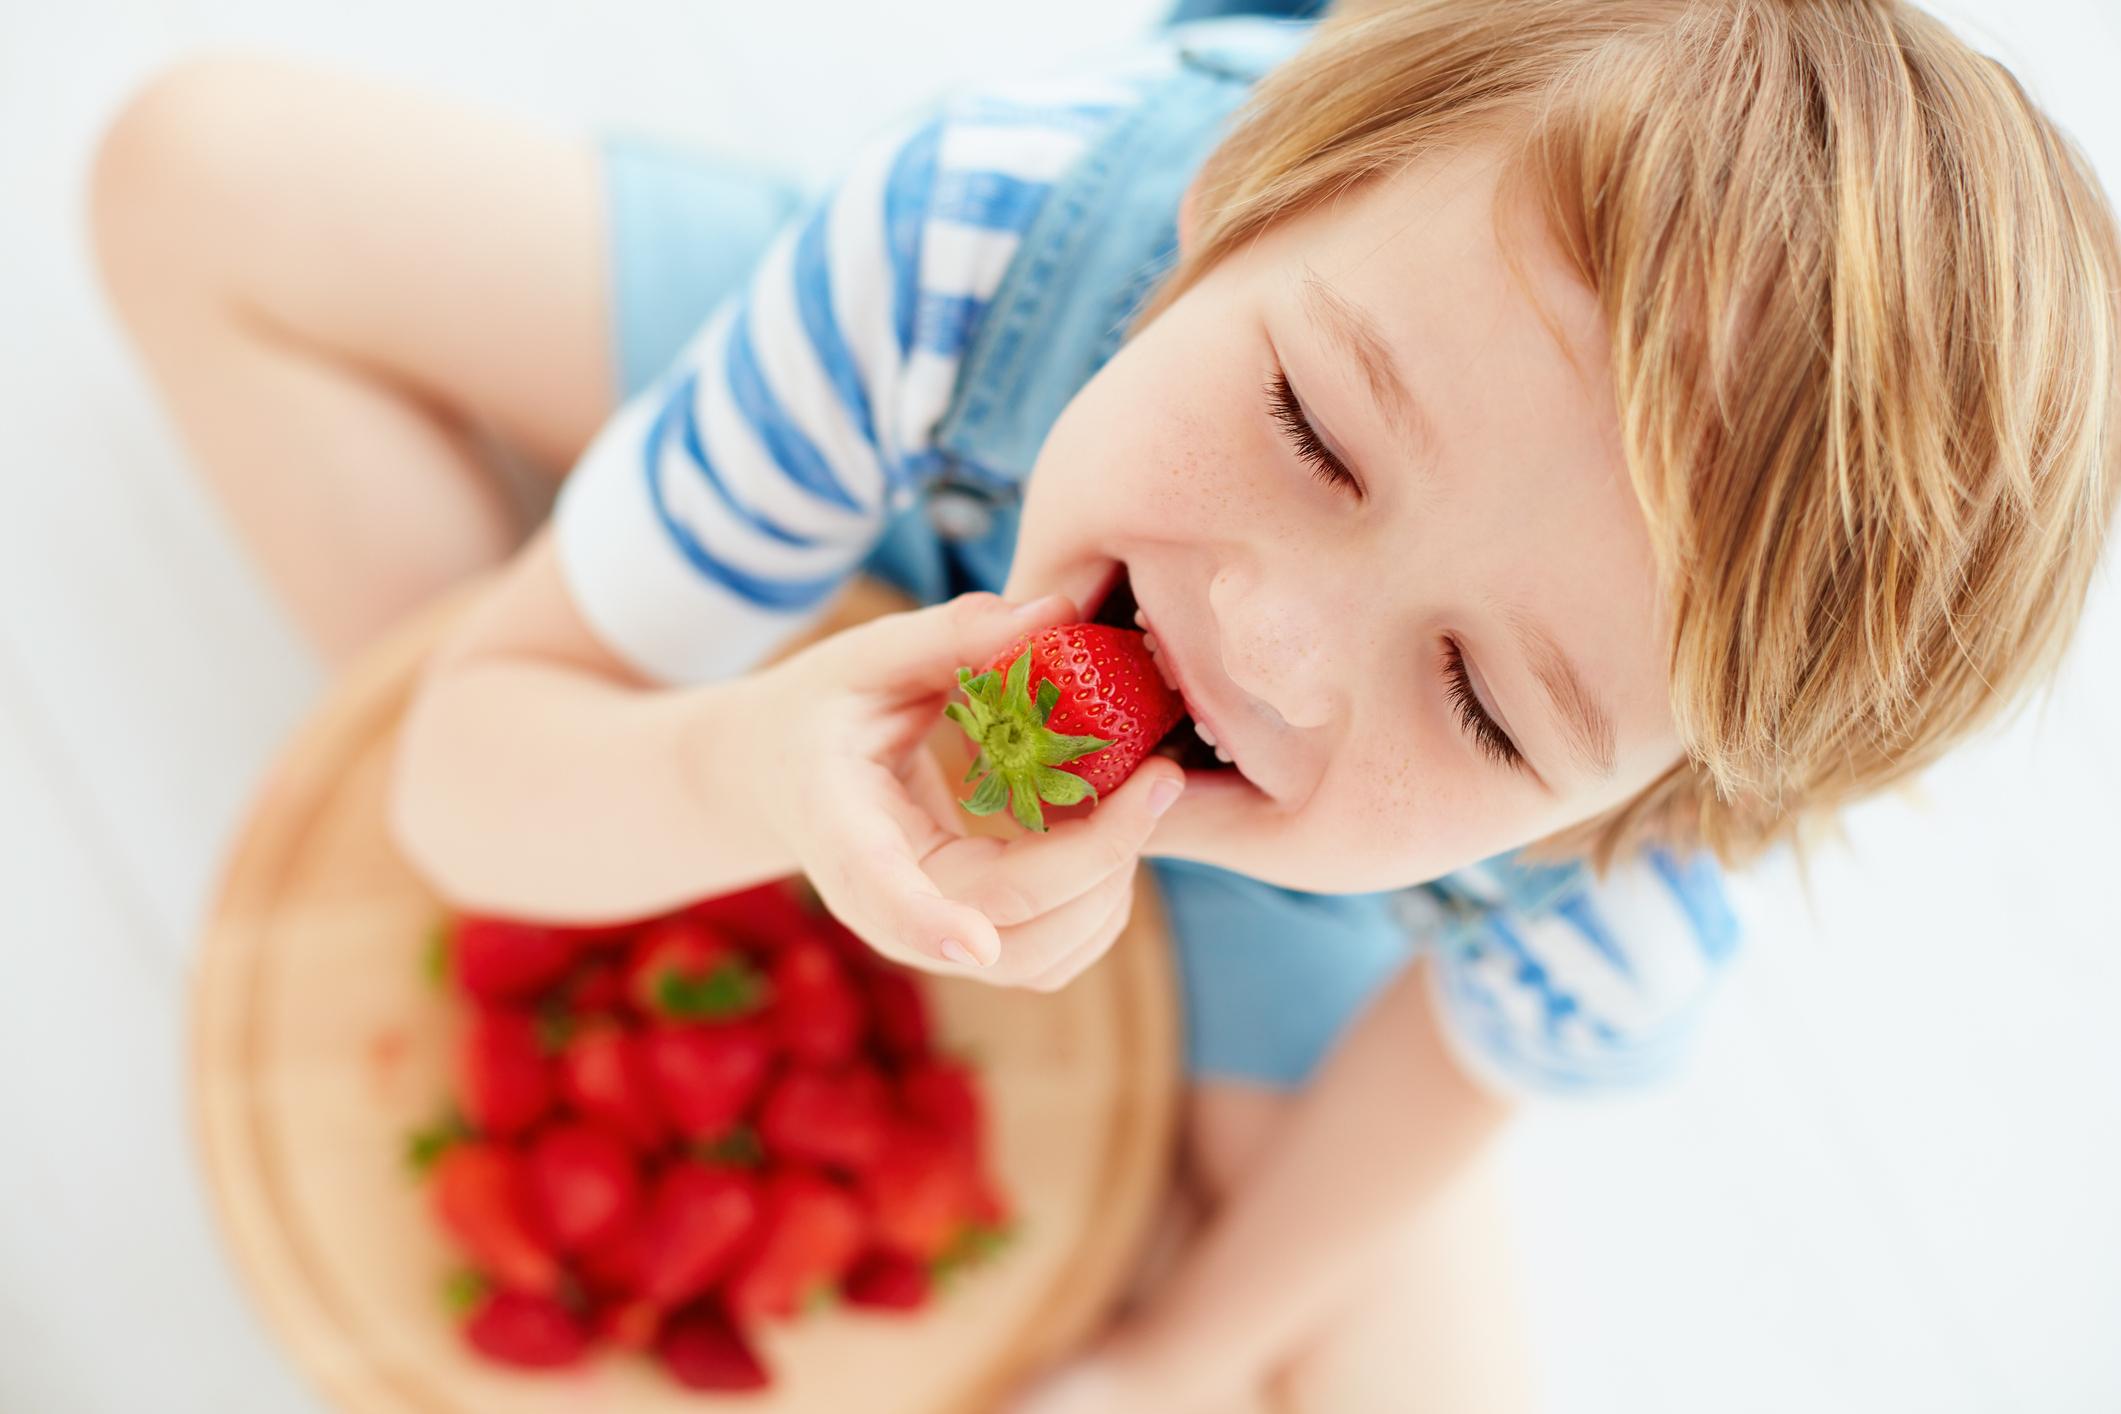 Не късайте дръжките<br /> Отстранявайте дръжките на ягодките по време на консумация, а не по-рано.